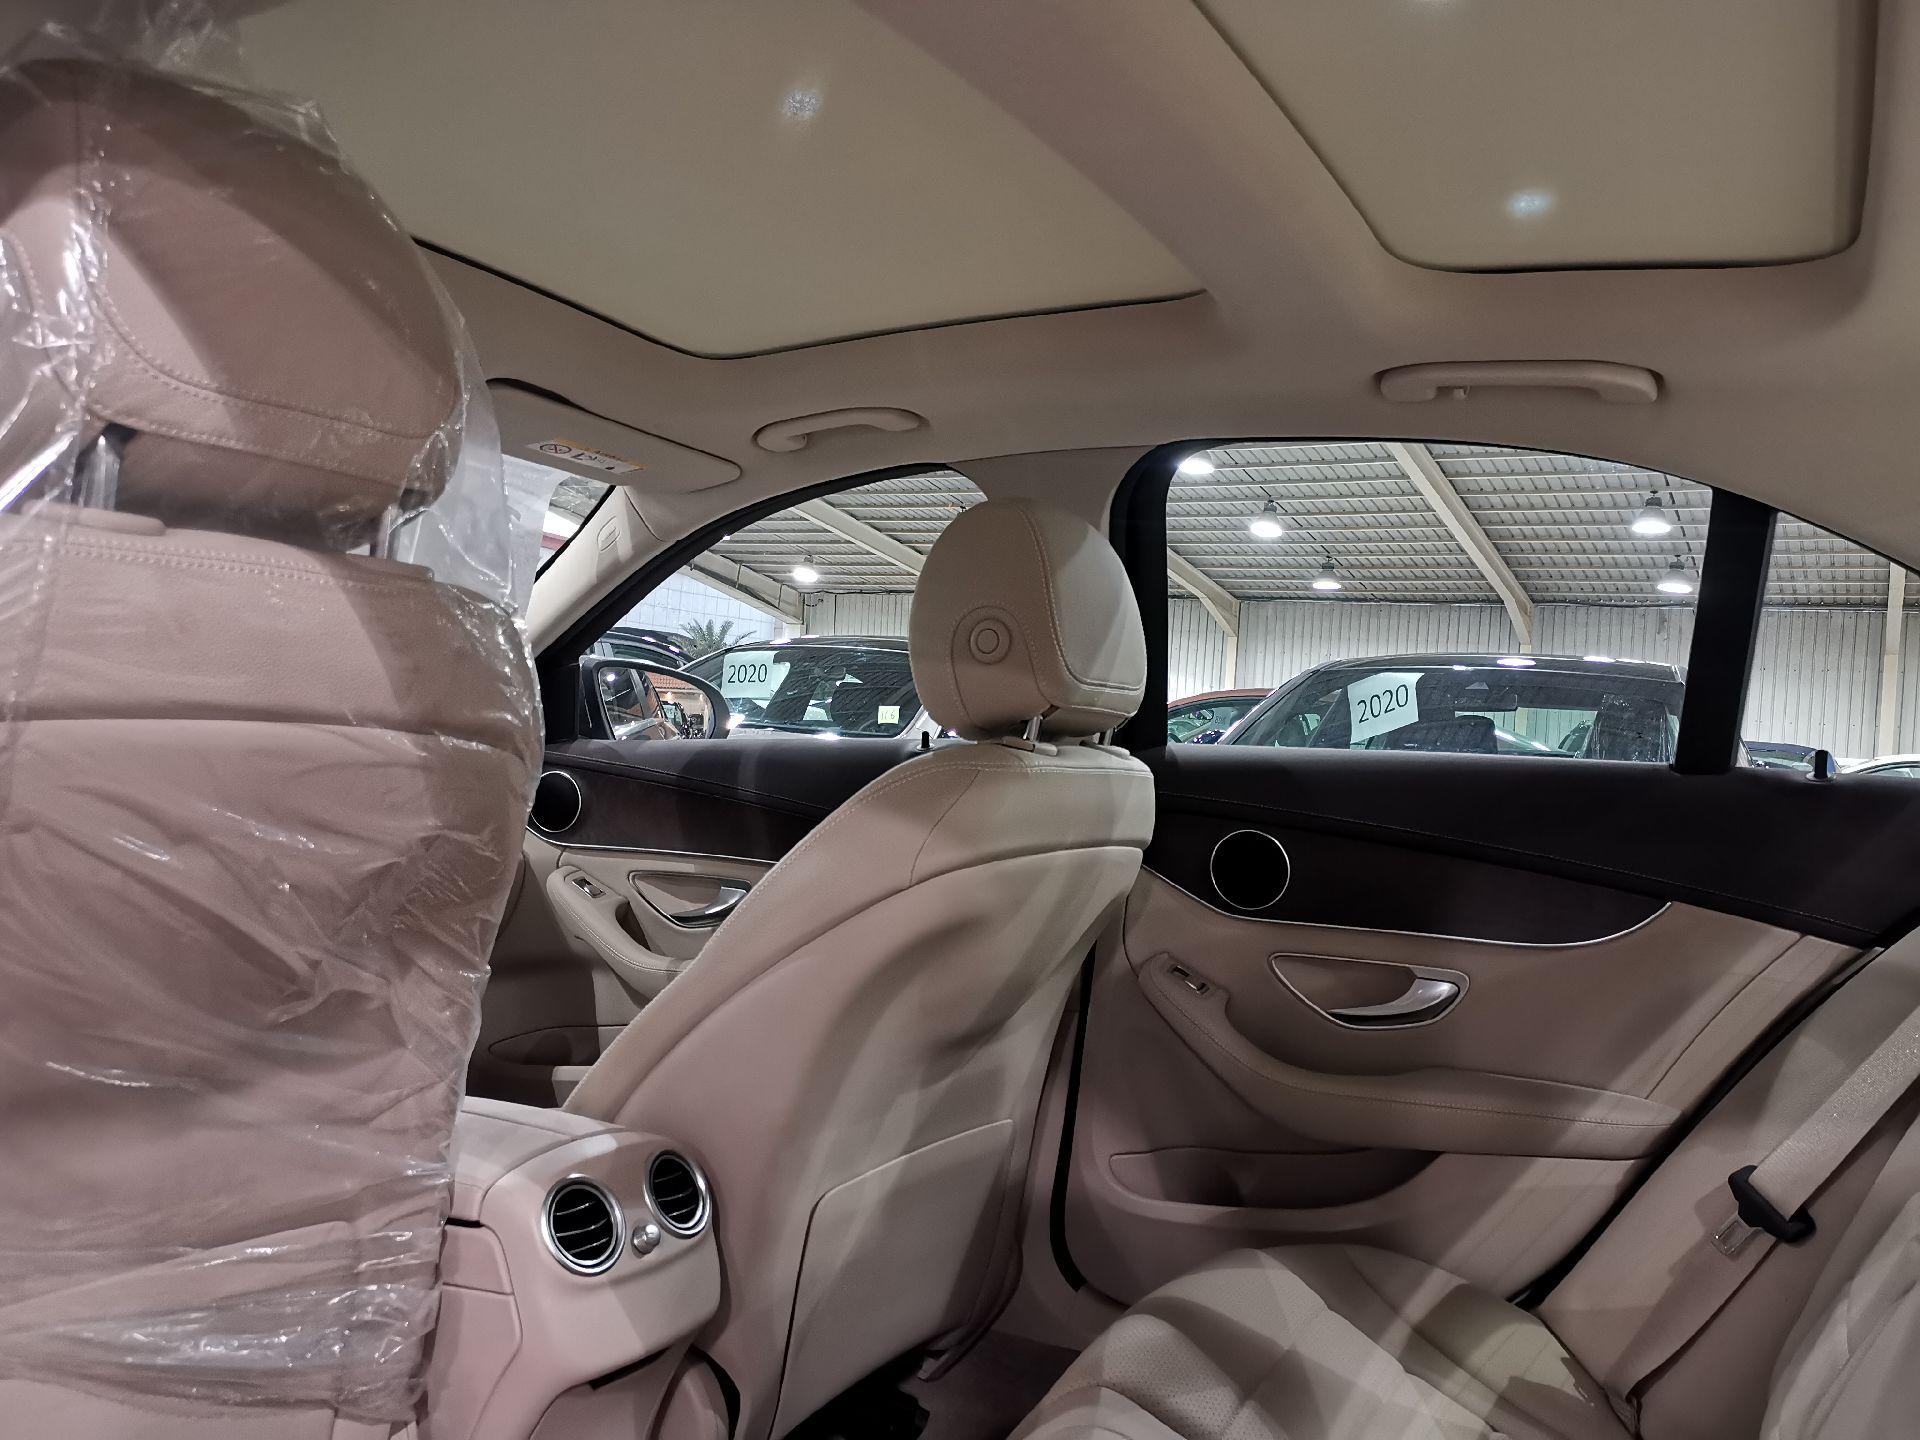 مباع - مرسيدس C200 نص فل 2020 ألماني للبيع في الرياض - السعودية - صورة كبيرة - 6